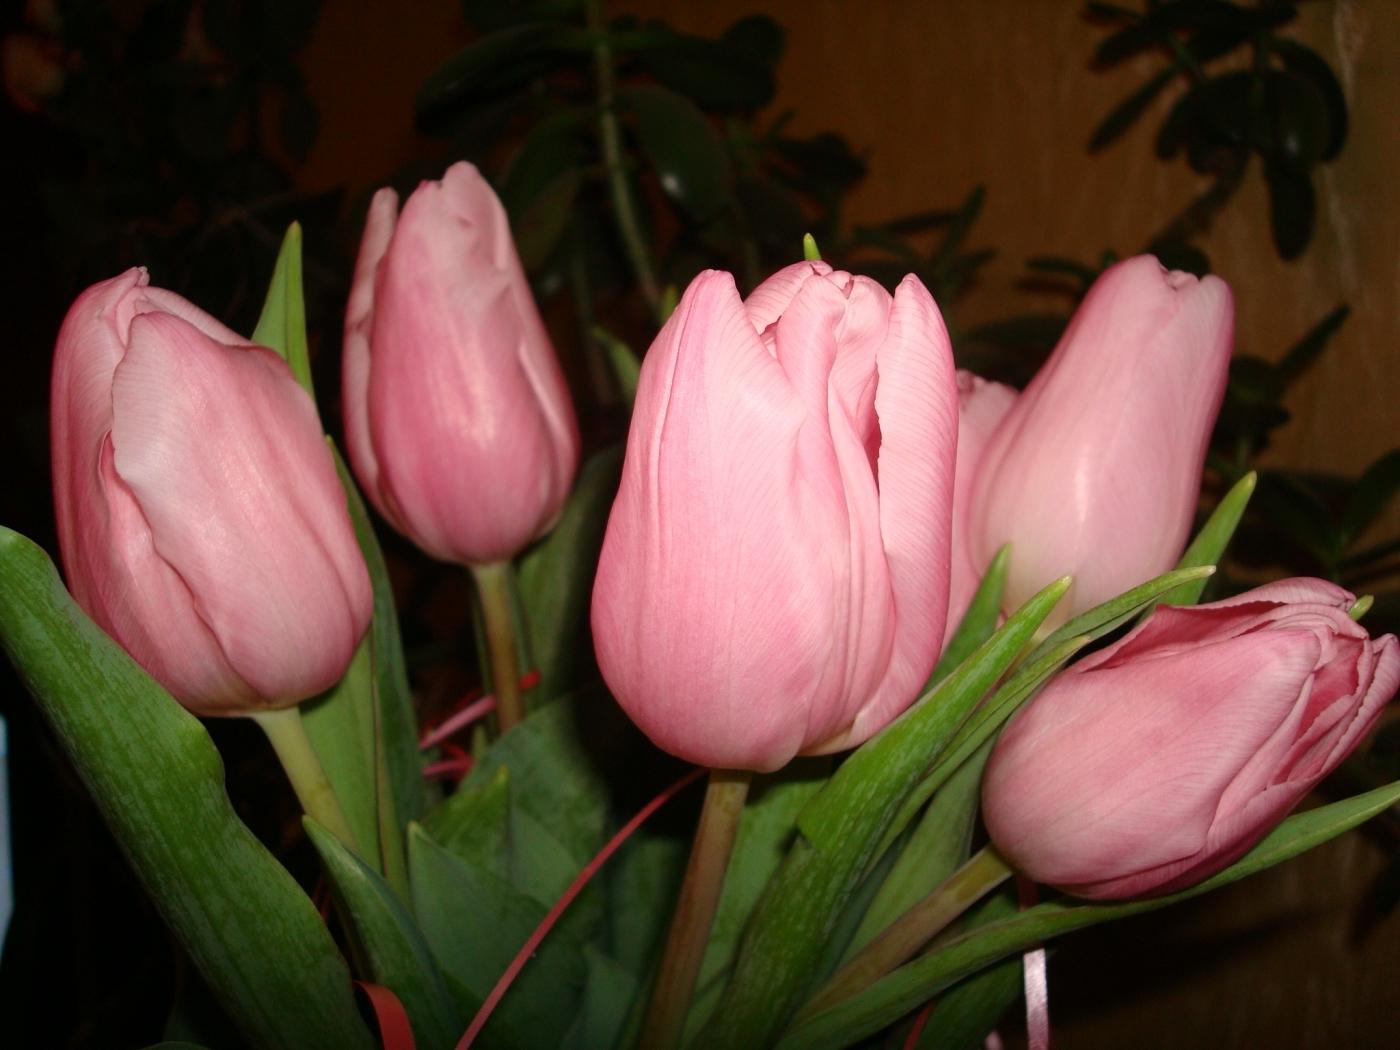 49685 скачать обои Растения, Цветы, Тюльпаны - заставки и картинки бесплатно